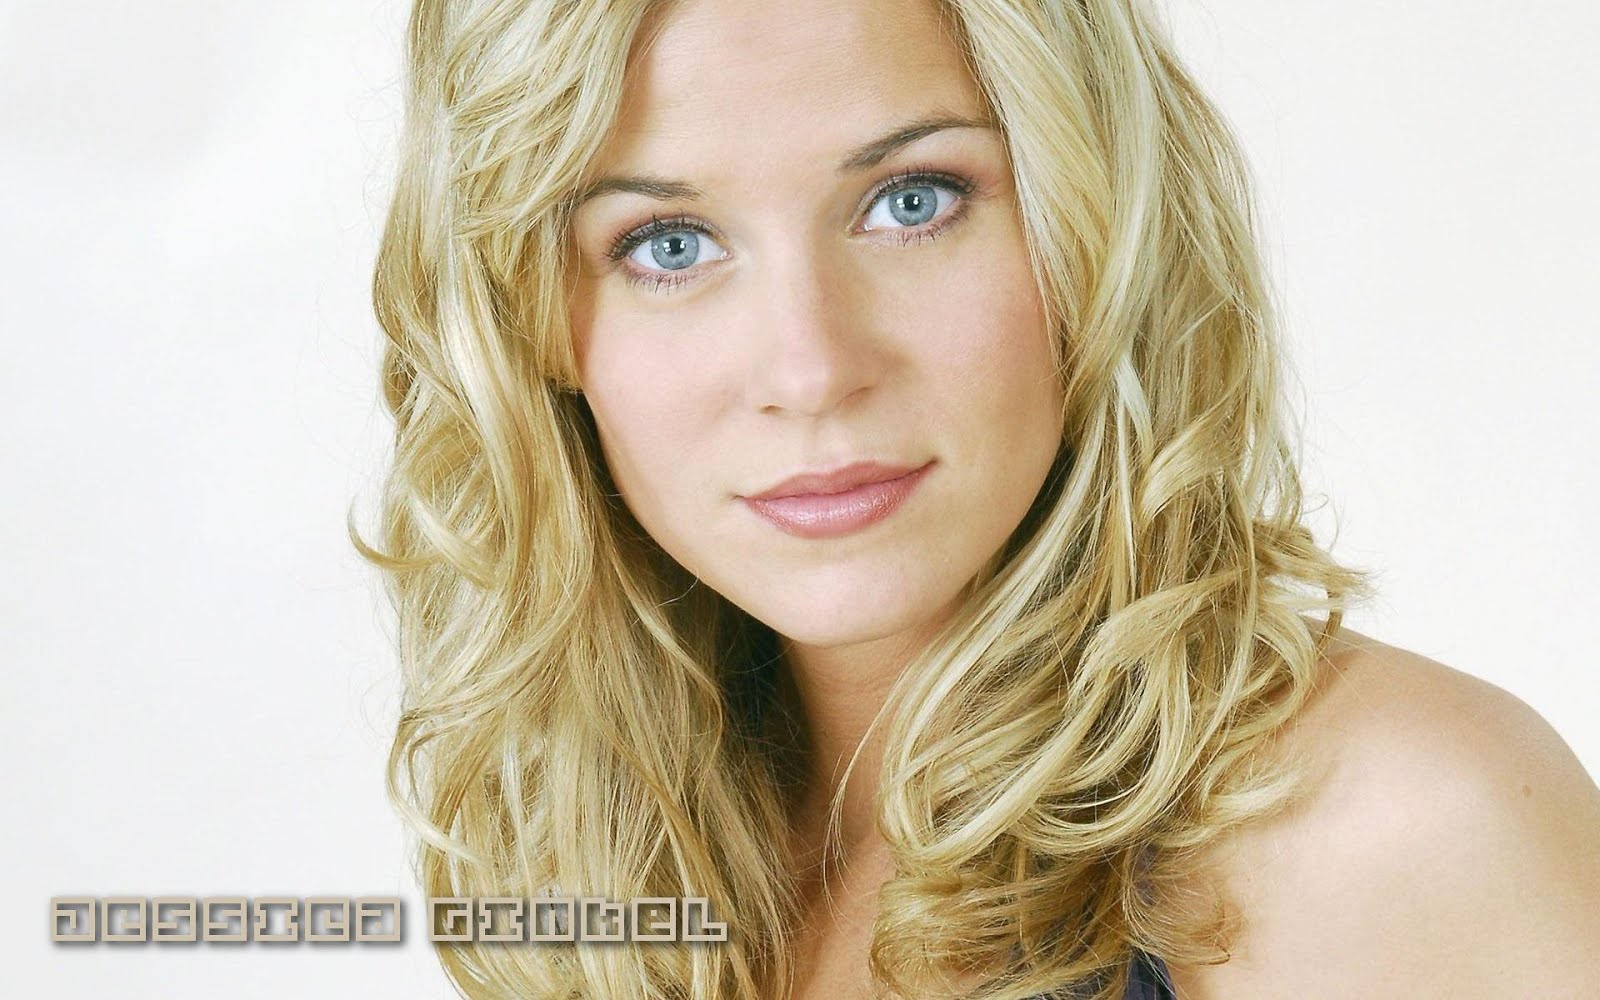 http://4.bp.blogspot.com/-uTbCf5kLjzw/UYL0XUNq_OI/AAAAAAAAHF8/TzDjjFxHgzY/s1600/Jessica%2BGinkel-731972.jpg